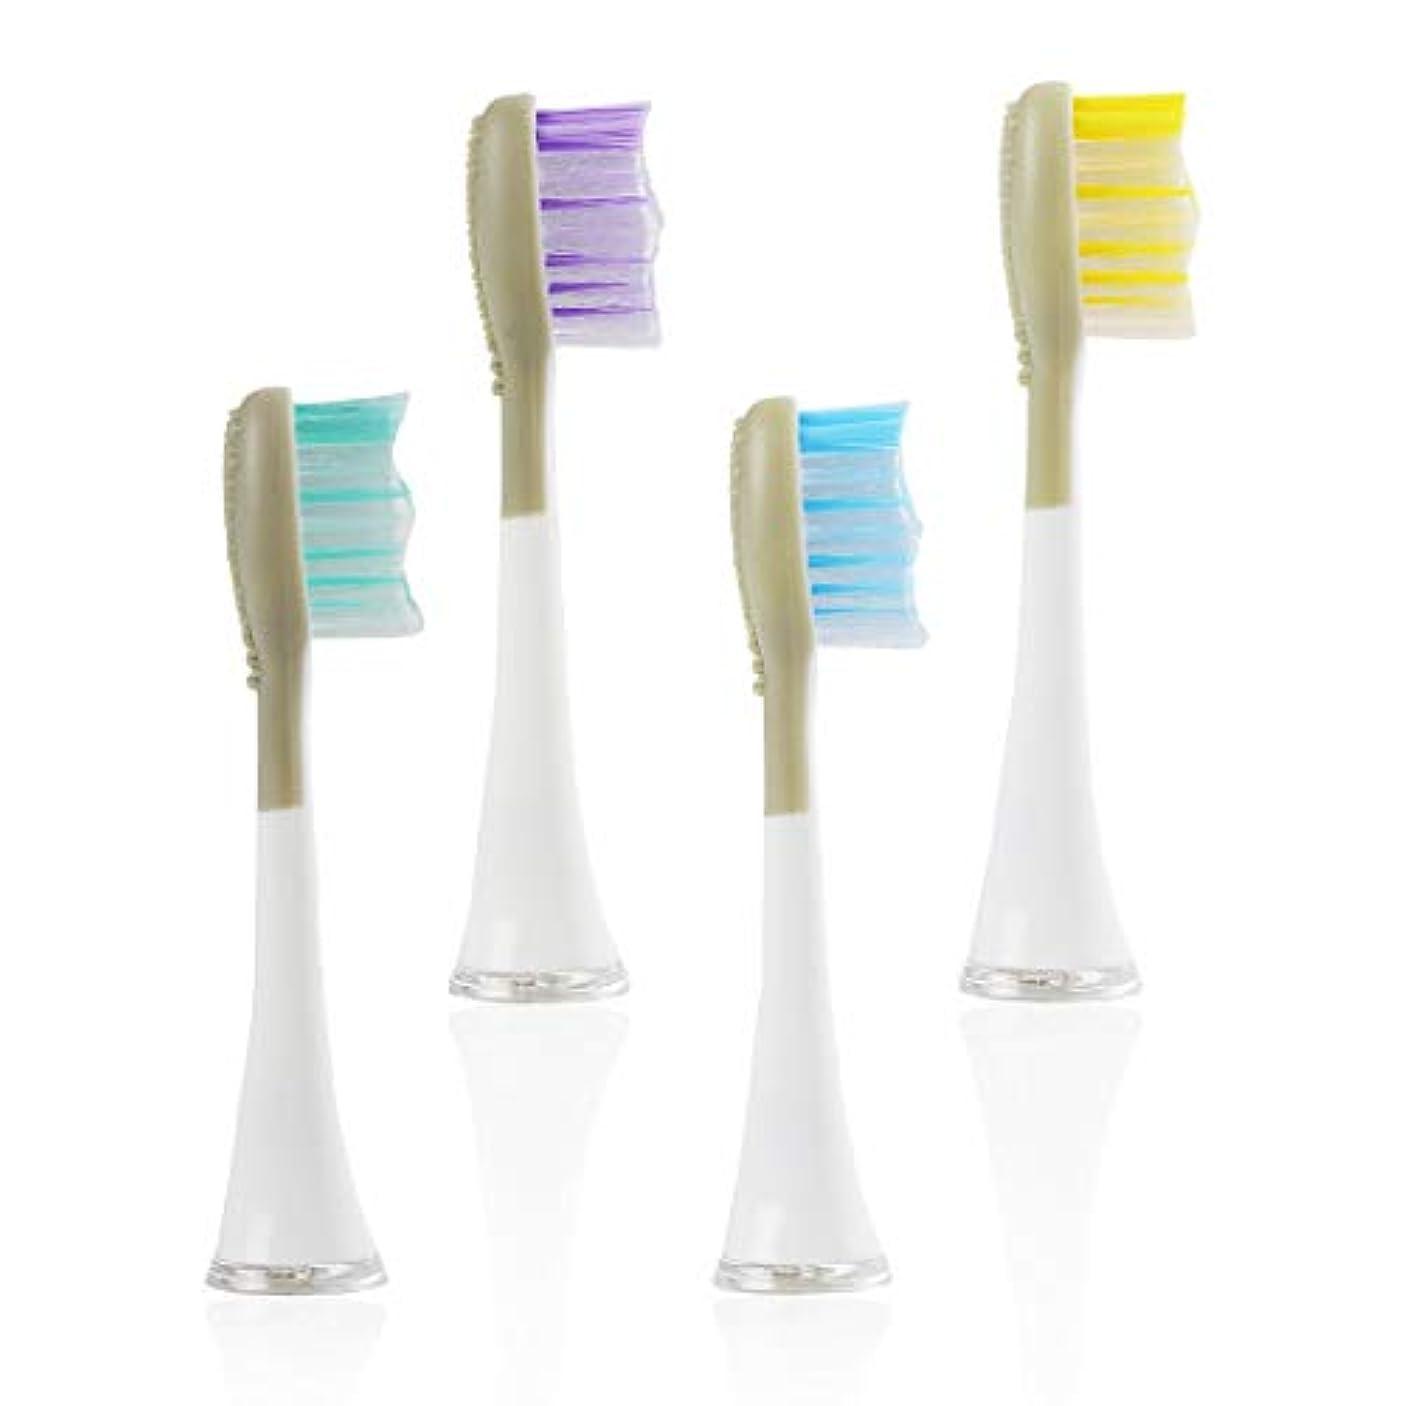 青写真リーガン一節Qurra 音波式電動歯ブラシ 替えブラシ 4本セット 舌ブラシ付き ワイヤレス充電 IPX7防水 3モード搭載 歯垢除去 ホワイトニング - 替えブラシ4本